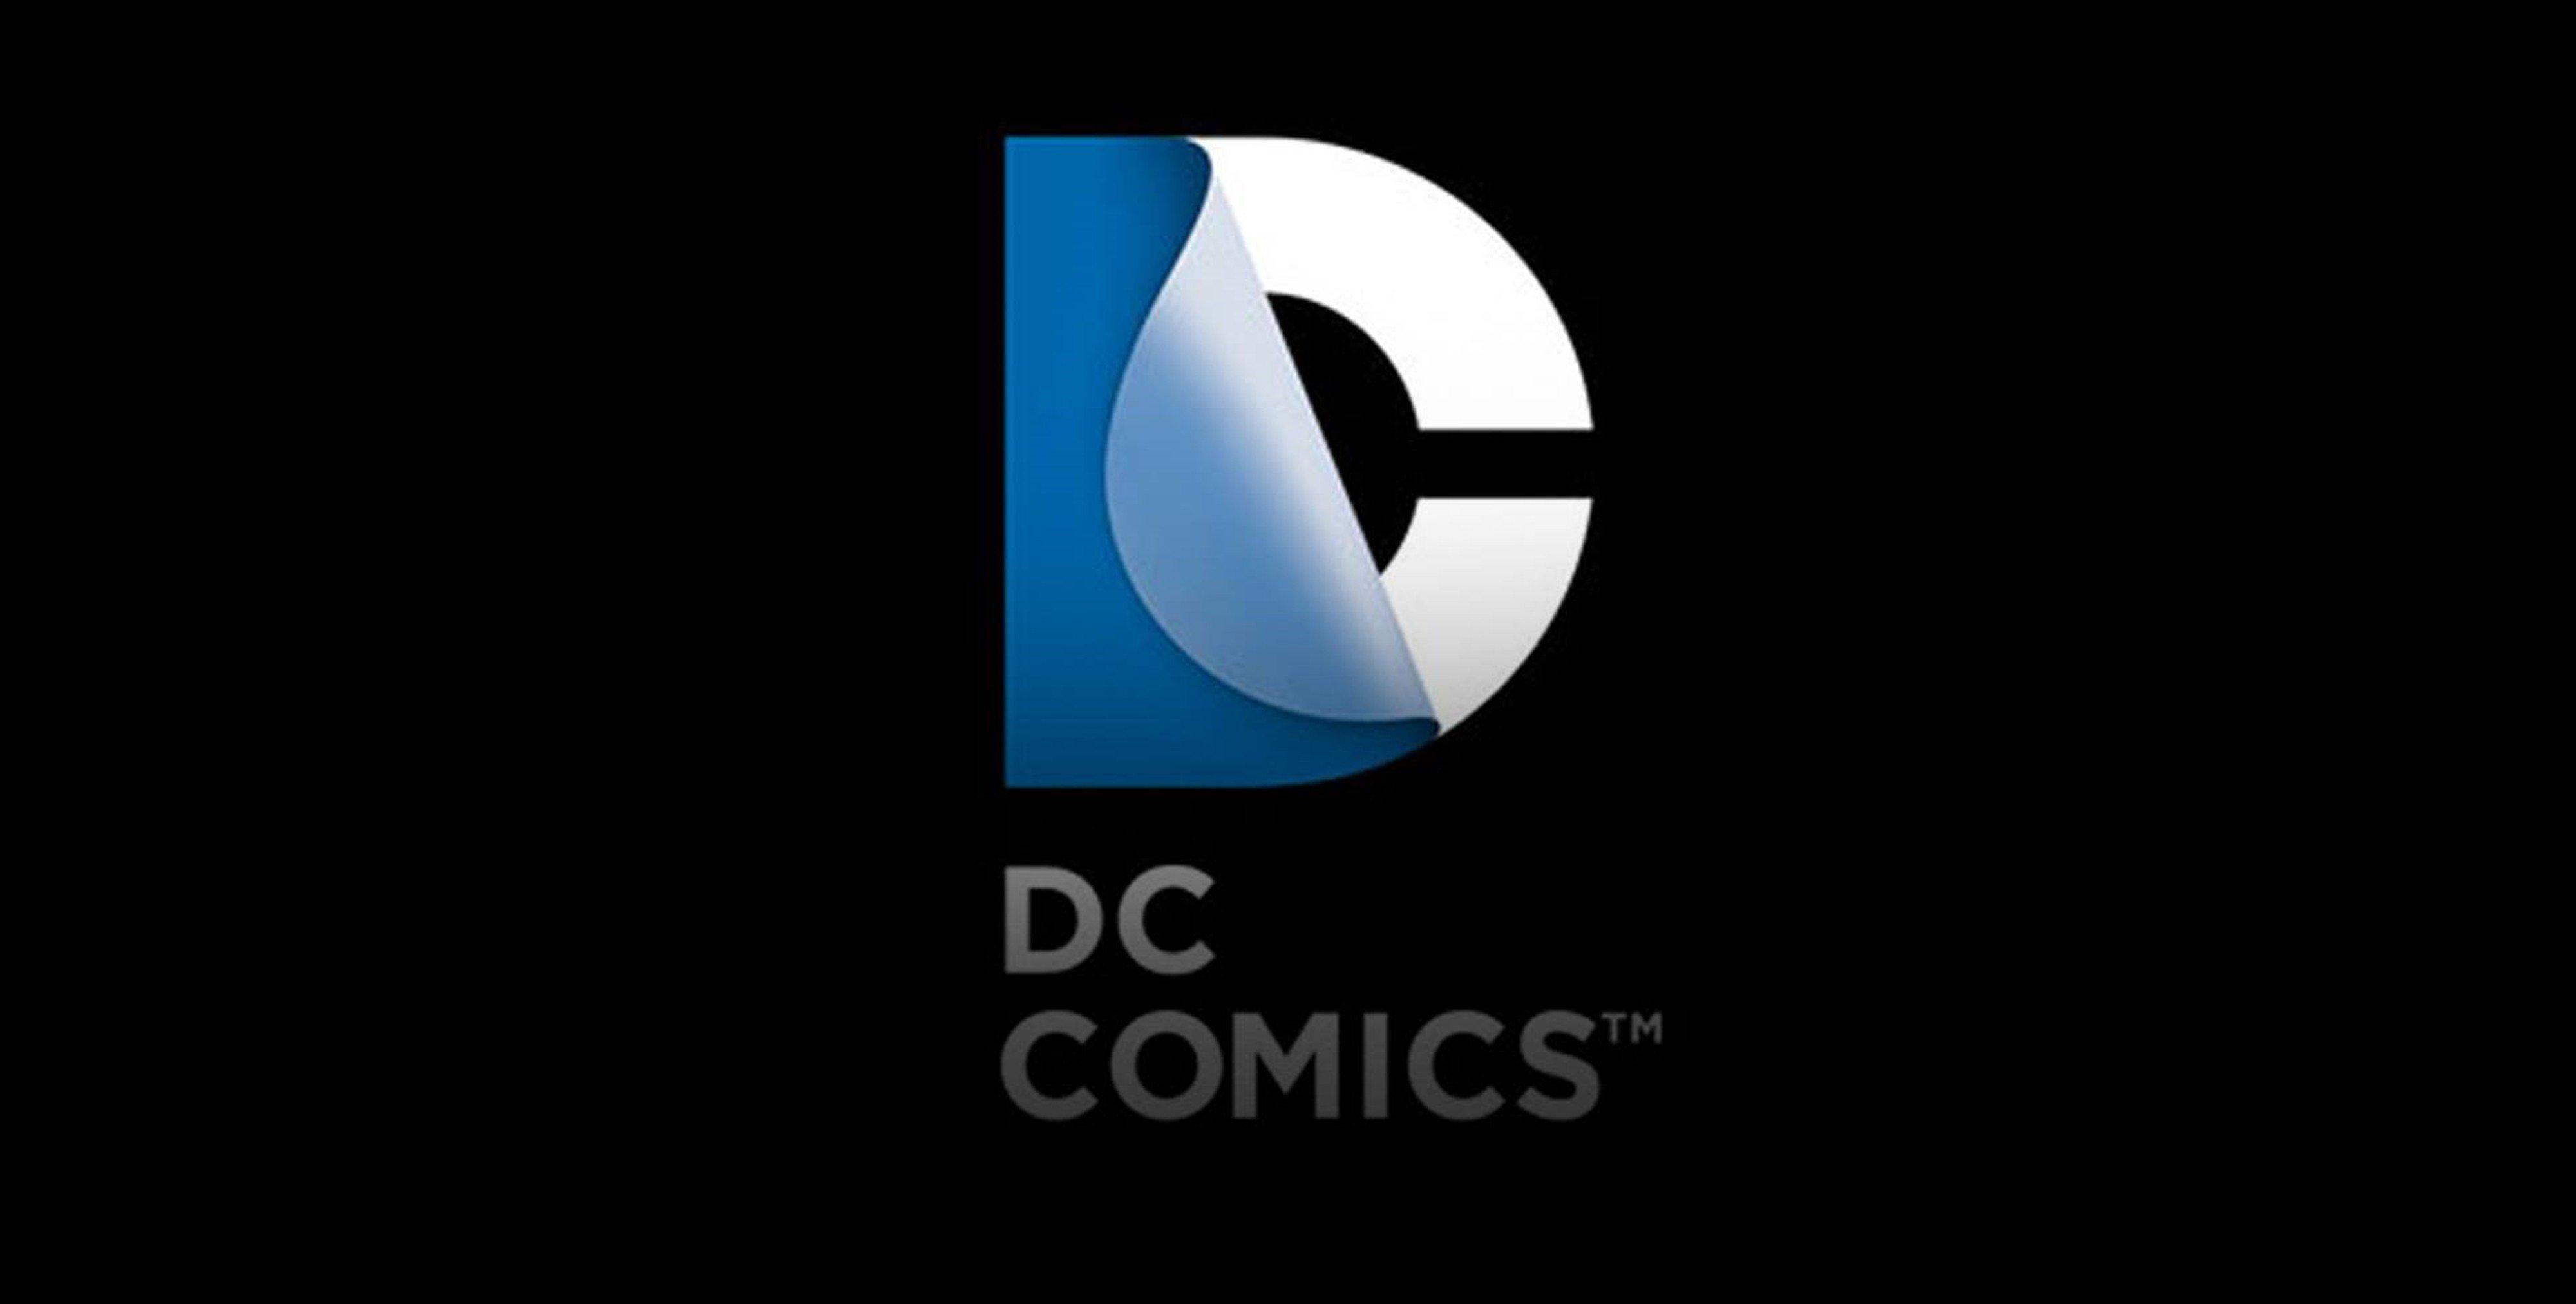 dc Comics Superheroes Dc-comics Logo Superheroes